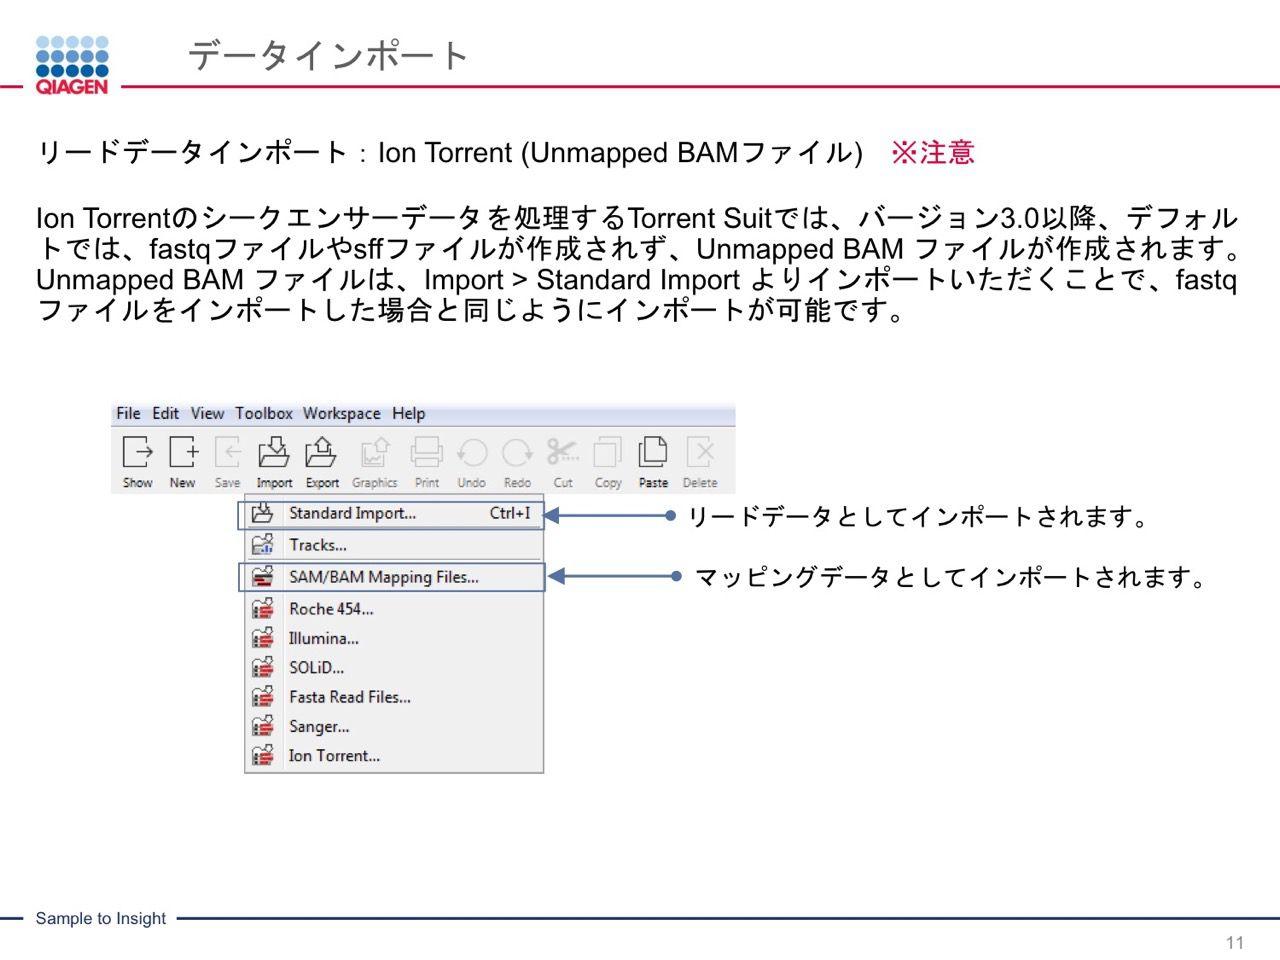 images/AJACSa2_miyamoto_011.jpg